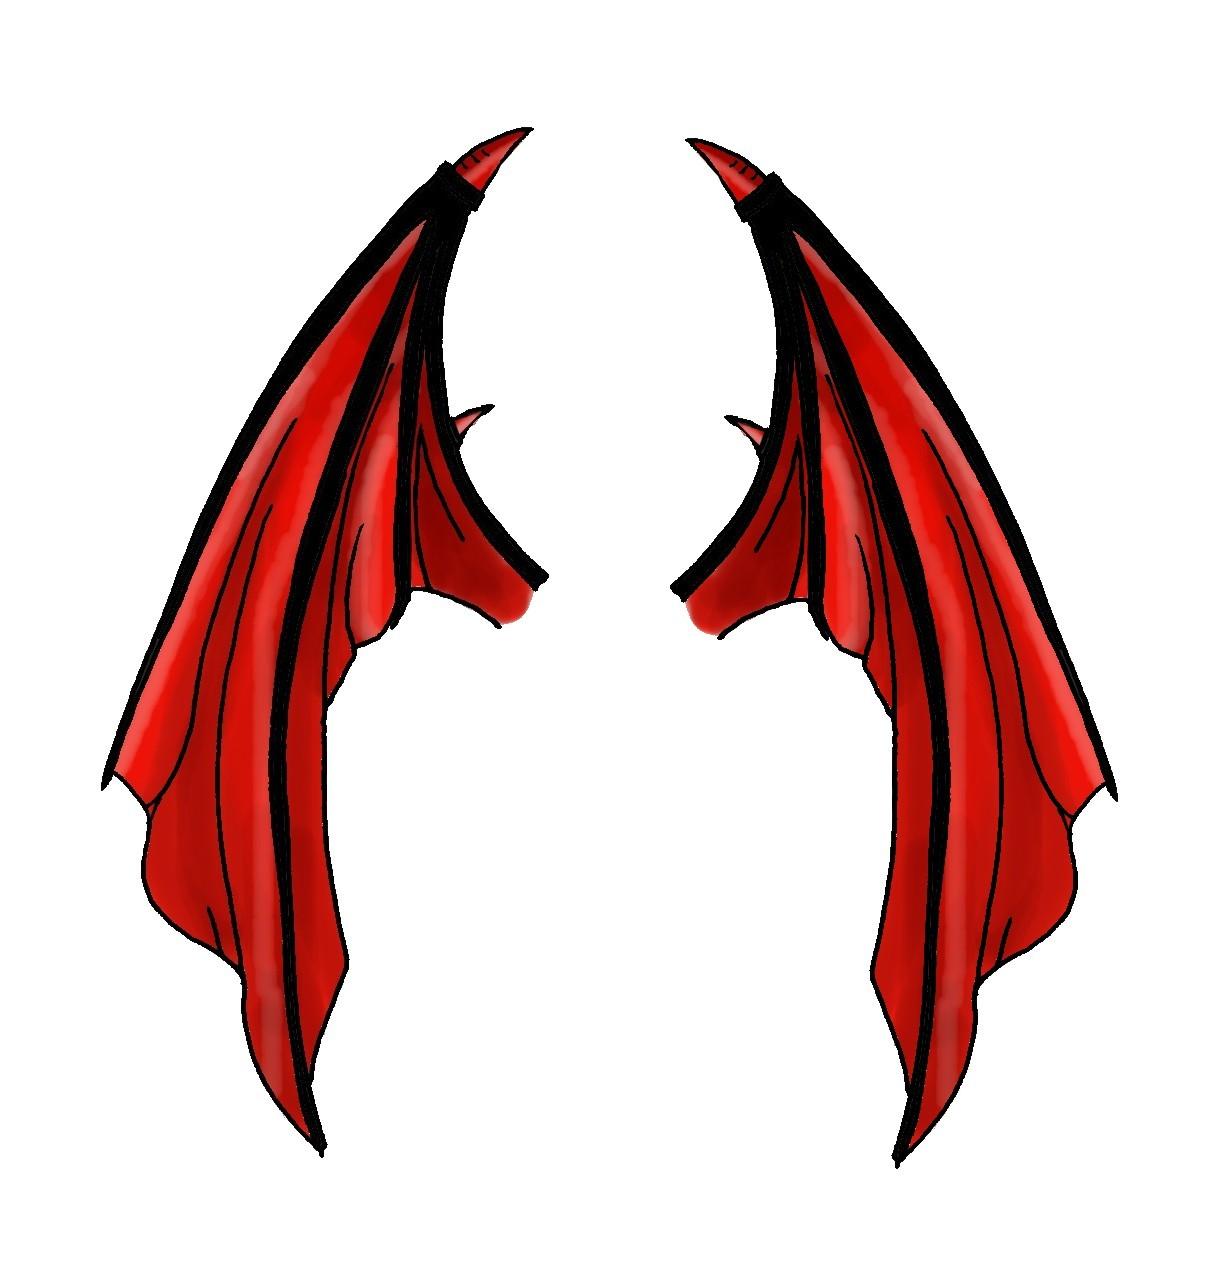 Wings clipart demon wings Image devil  Gallery wings